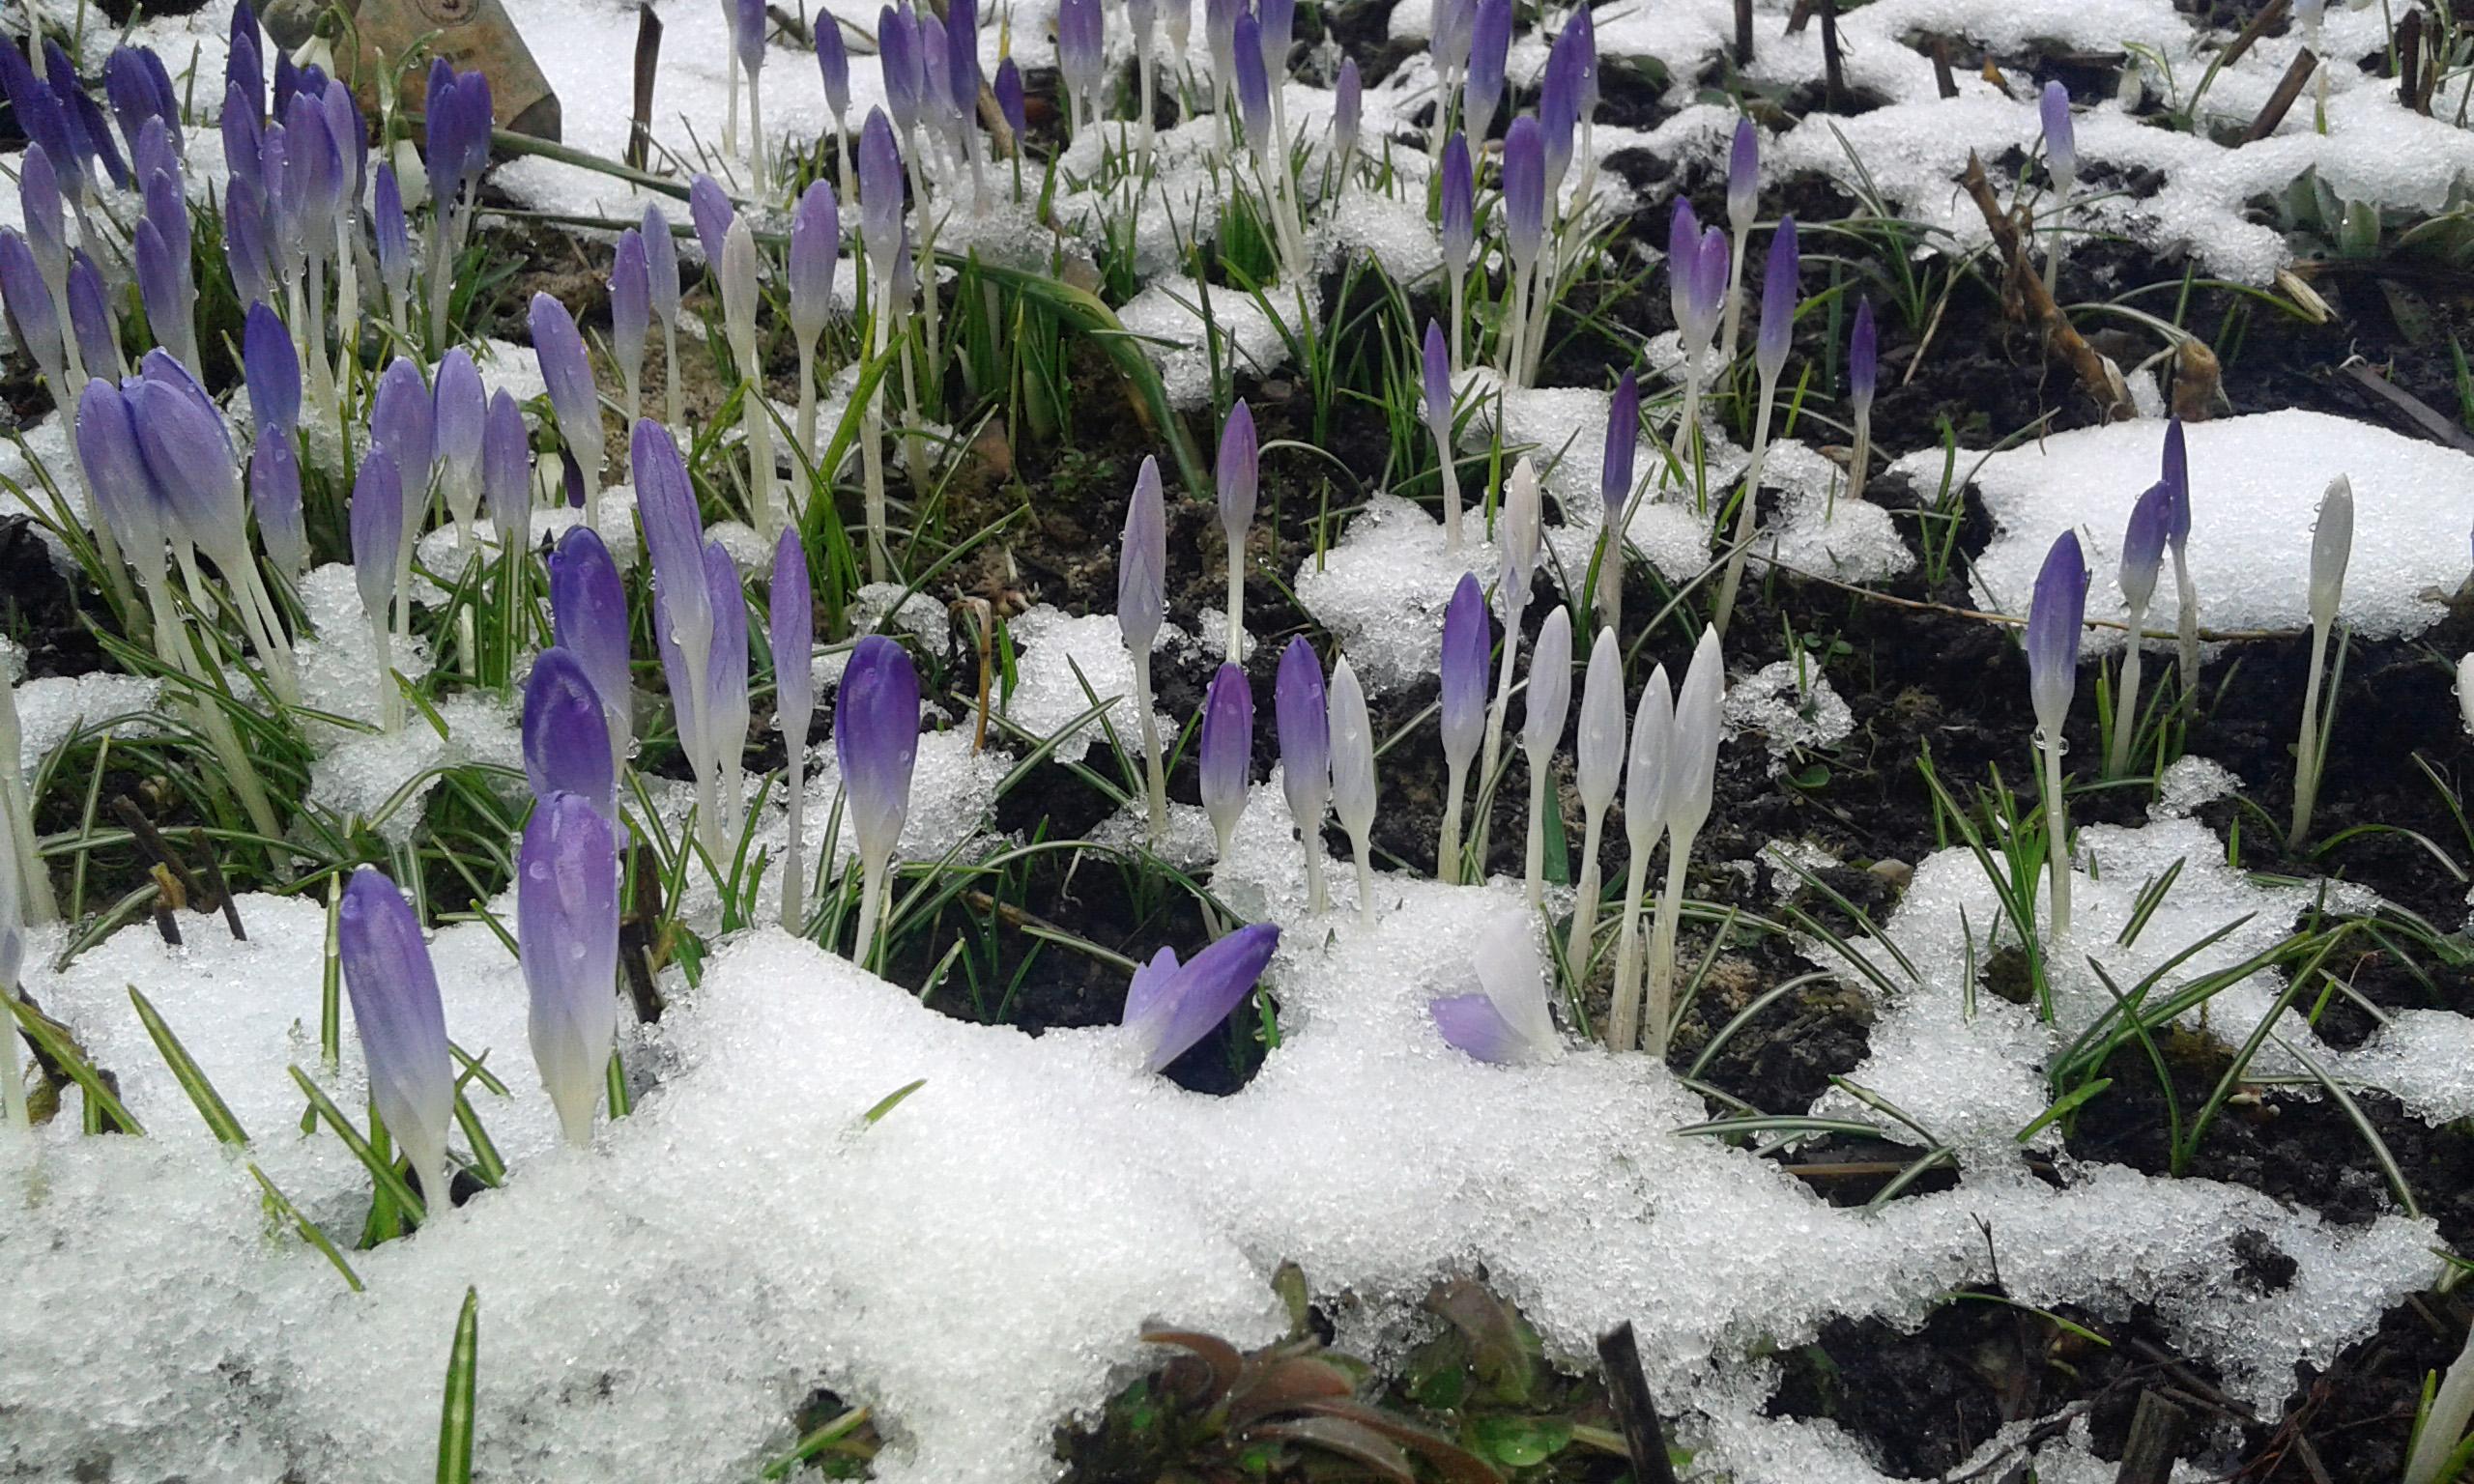 Krokusse im Schnee - difference